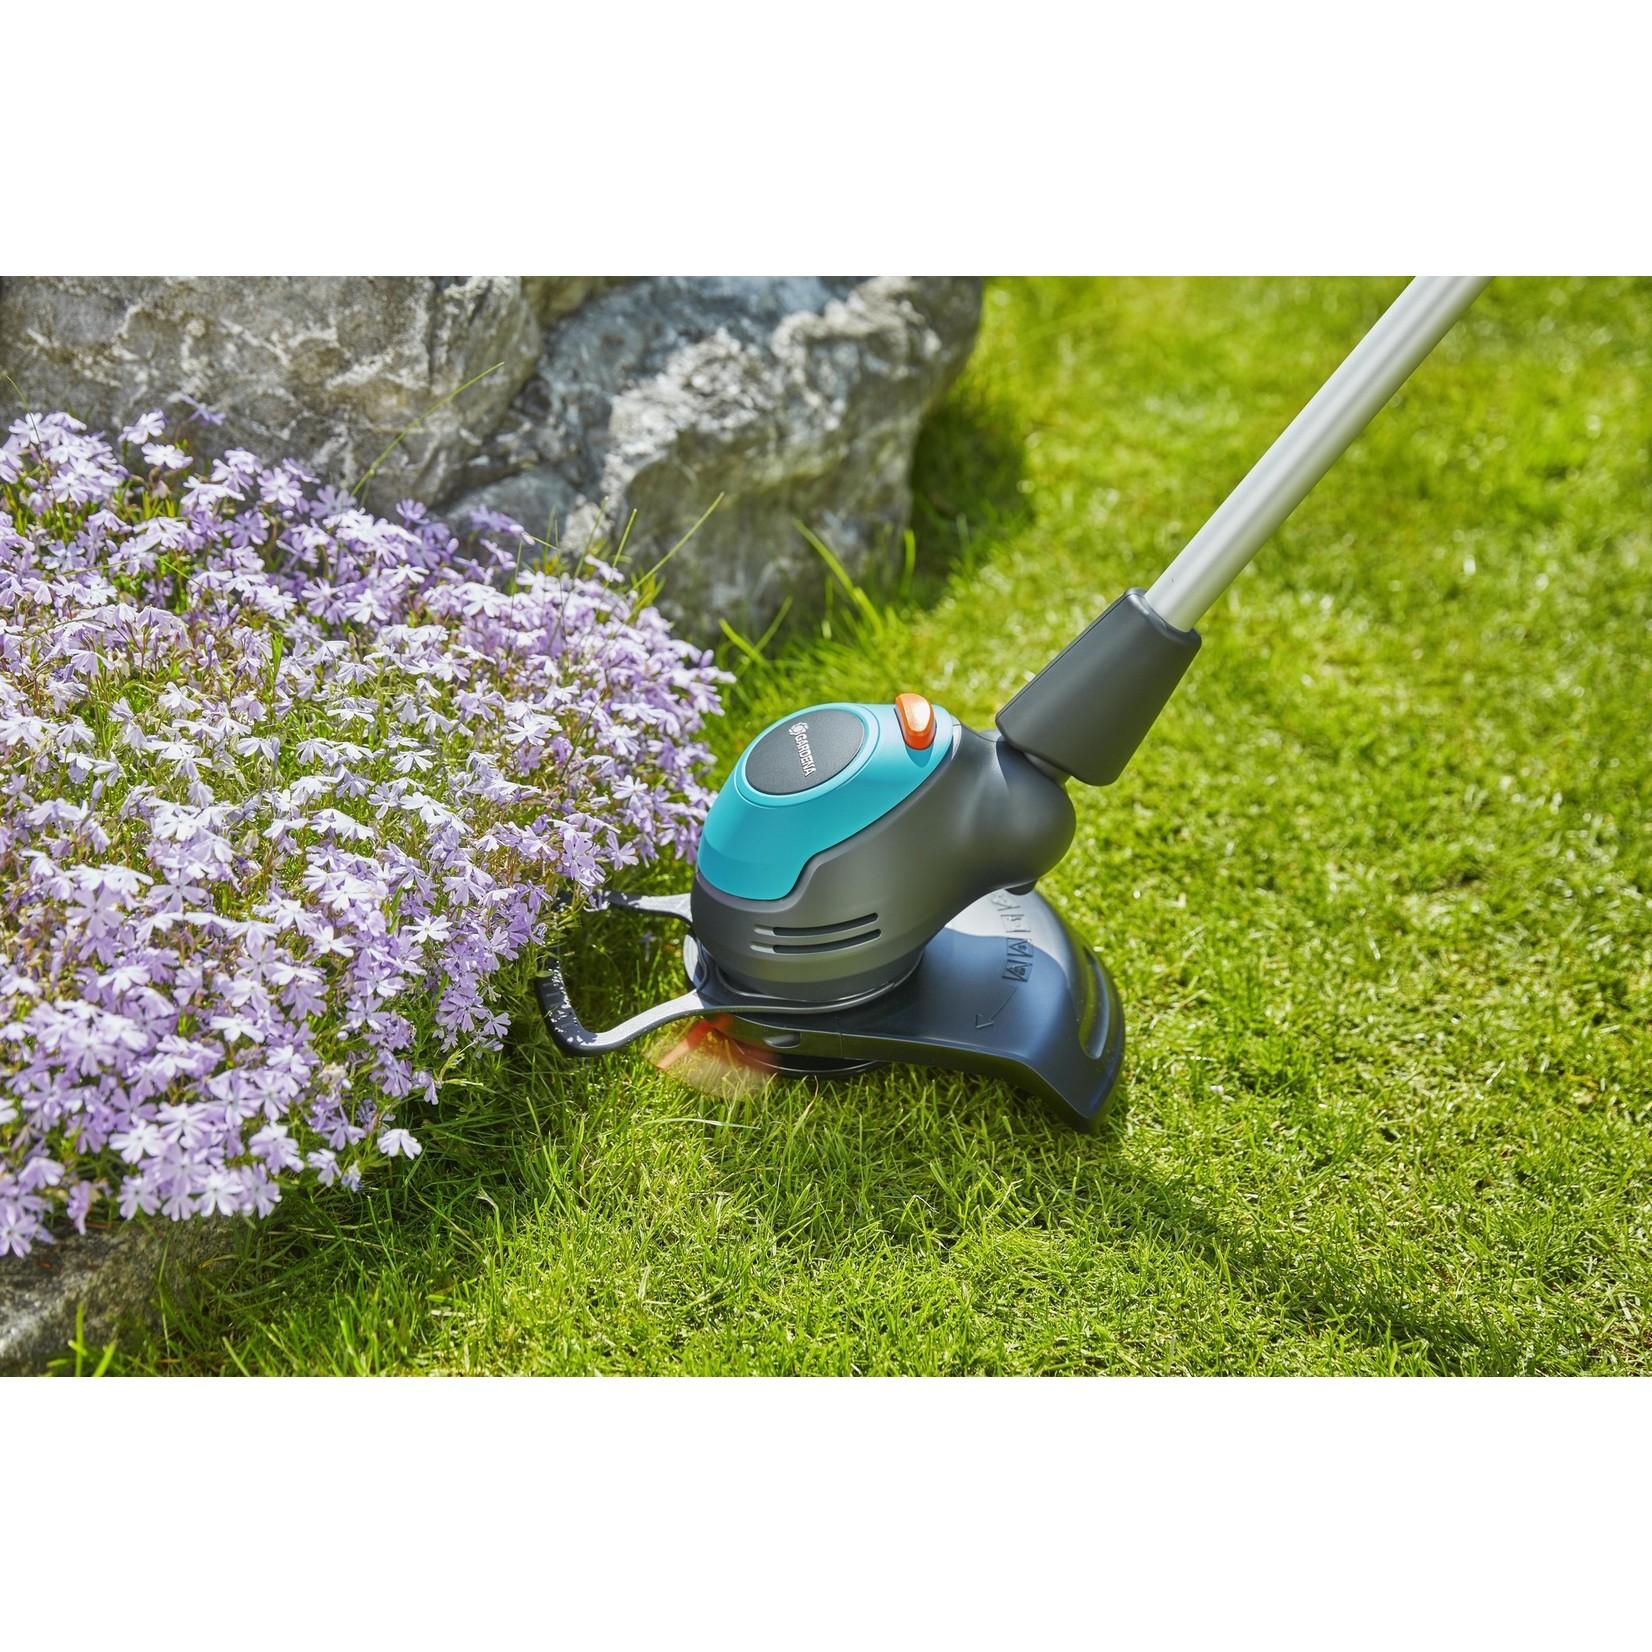 Gardena Gardena Accu trimmer EasyCut 23/18V excl. accu